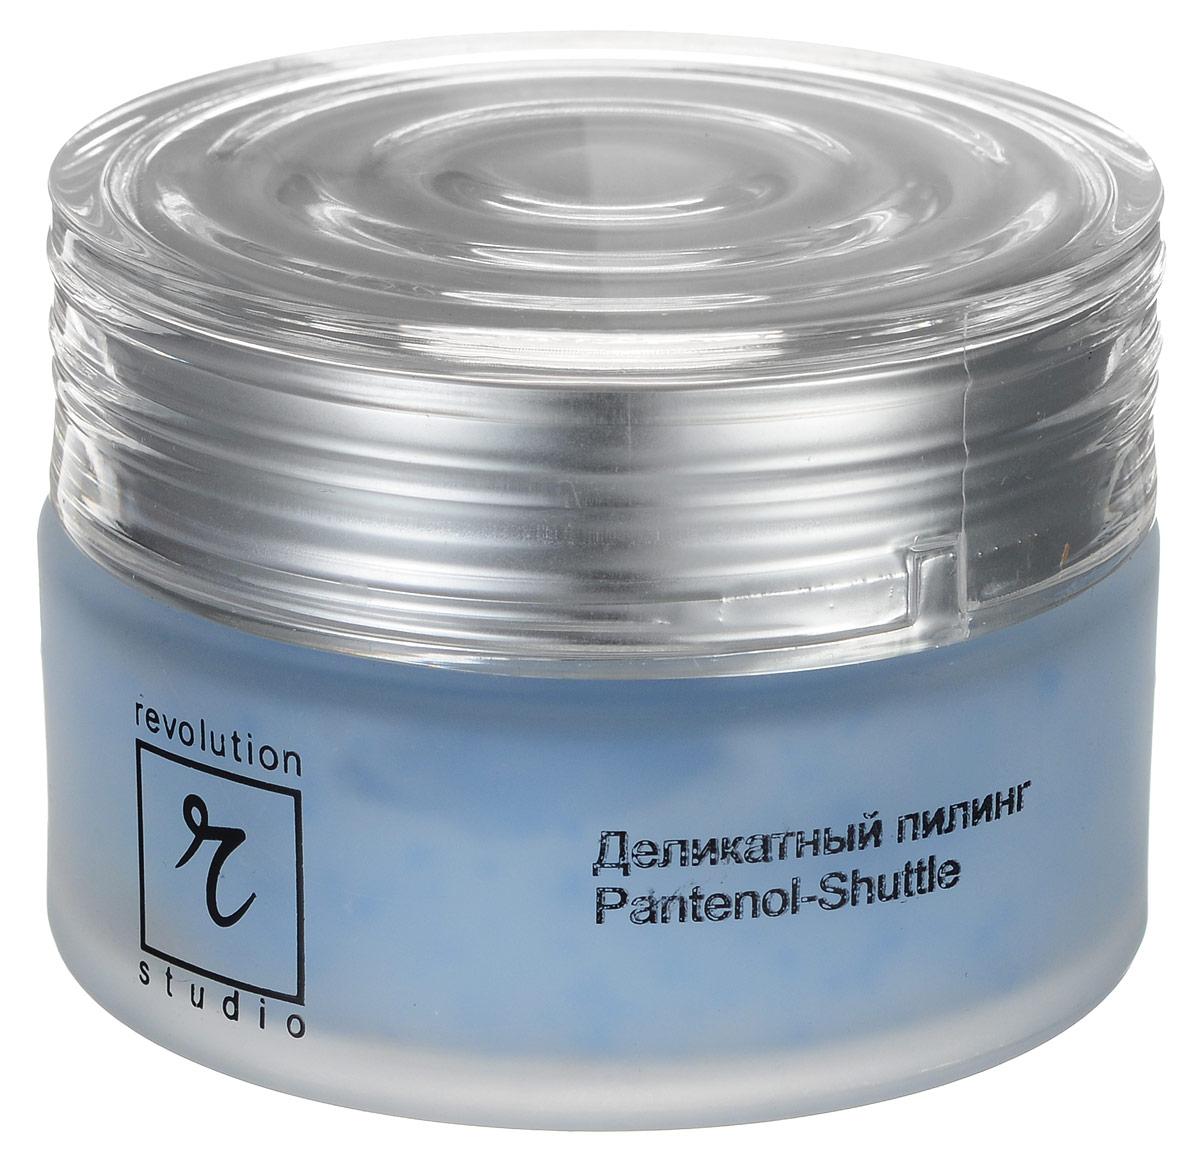 R-Studio Пилинг для нормальной и сухой кожи Pantenol-Shuttle 50 мл r studio очищающая маска с белой глиной r studio 2682 50 мл